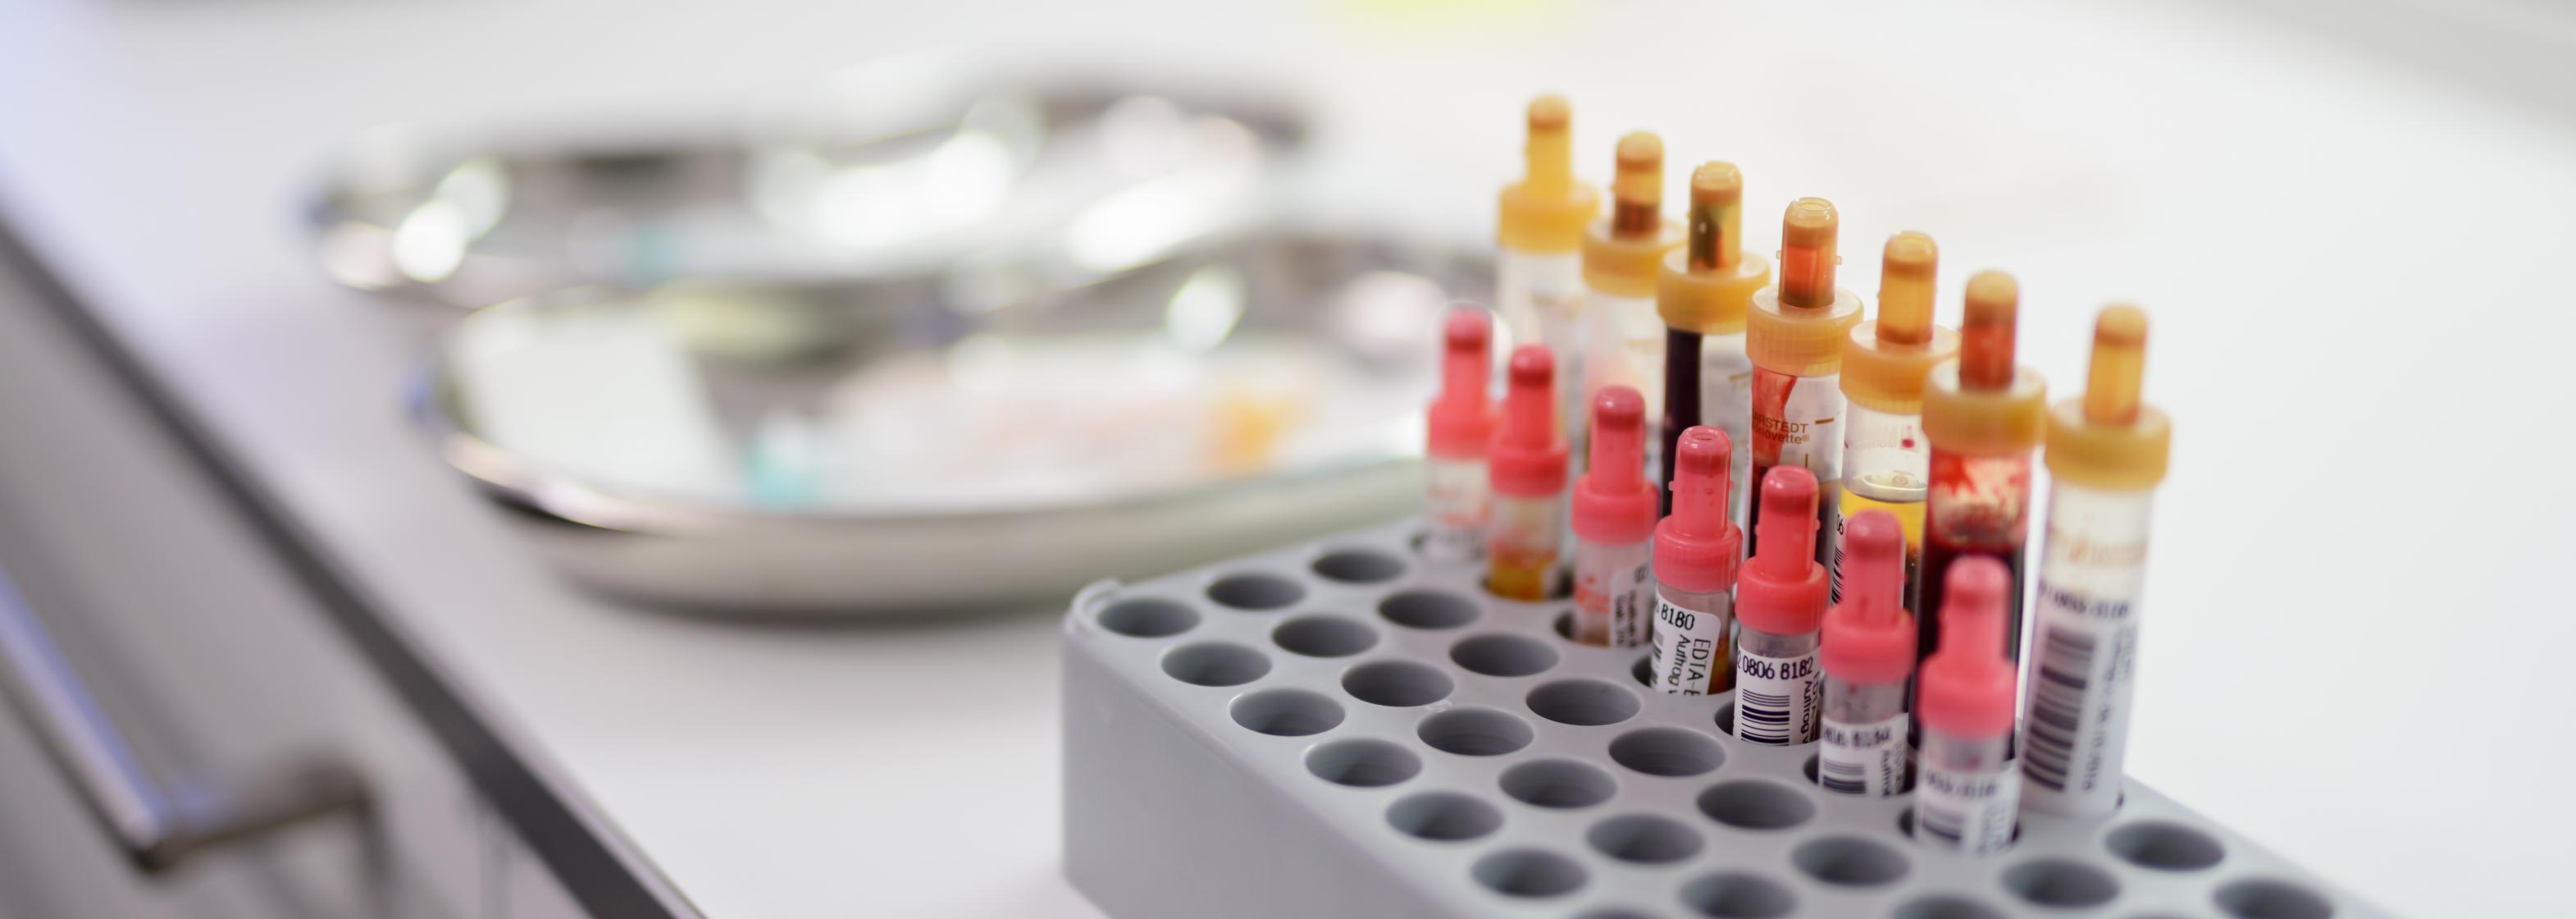 Blutproben beim Arzt oder im Labor - Blut abnehmen